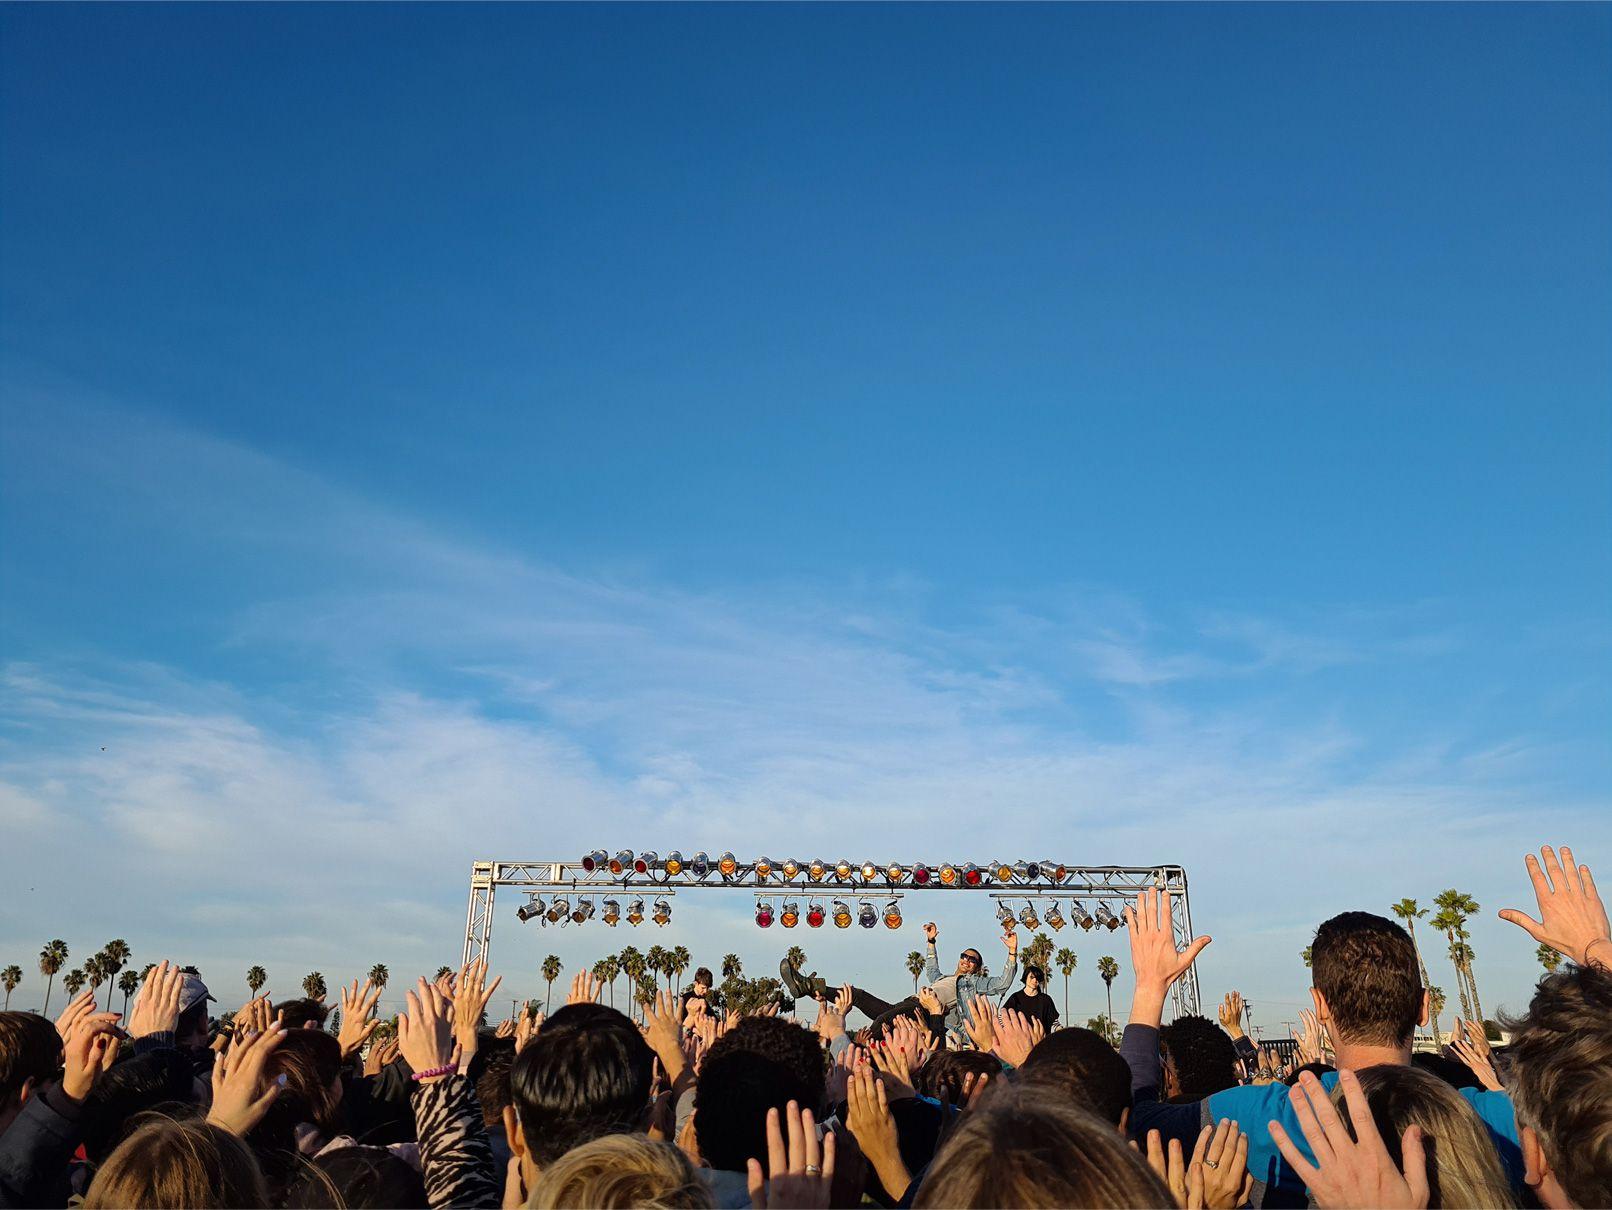 Foto tomada en el Galaxy S20 plus desde el fondo de una audiencia en un concierto al aire libre. Al ampliar la foto con el zoom, vemos un momento divertido de un hombre que pasa por encima de la gente cerca del escenario, mostrando cómo el Zoom Espacial te permite encontrar momentos que de otra manera te habrías perdido